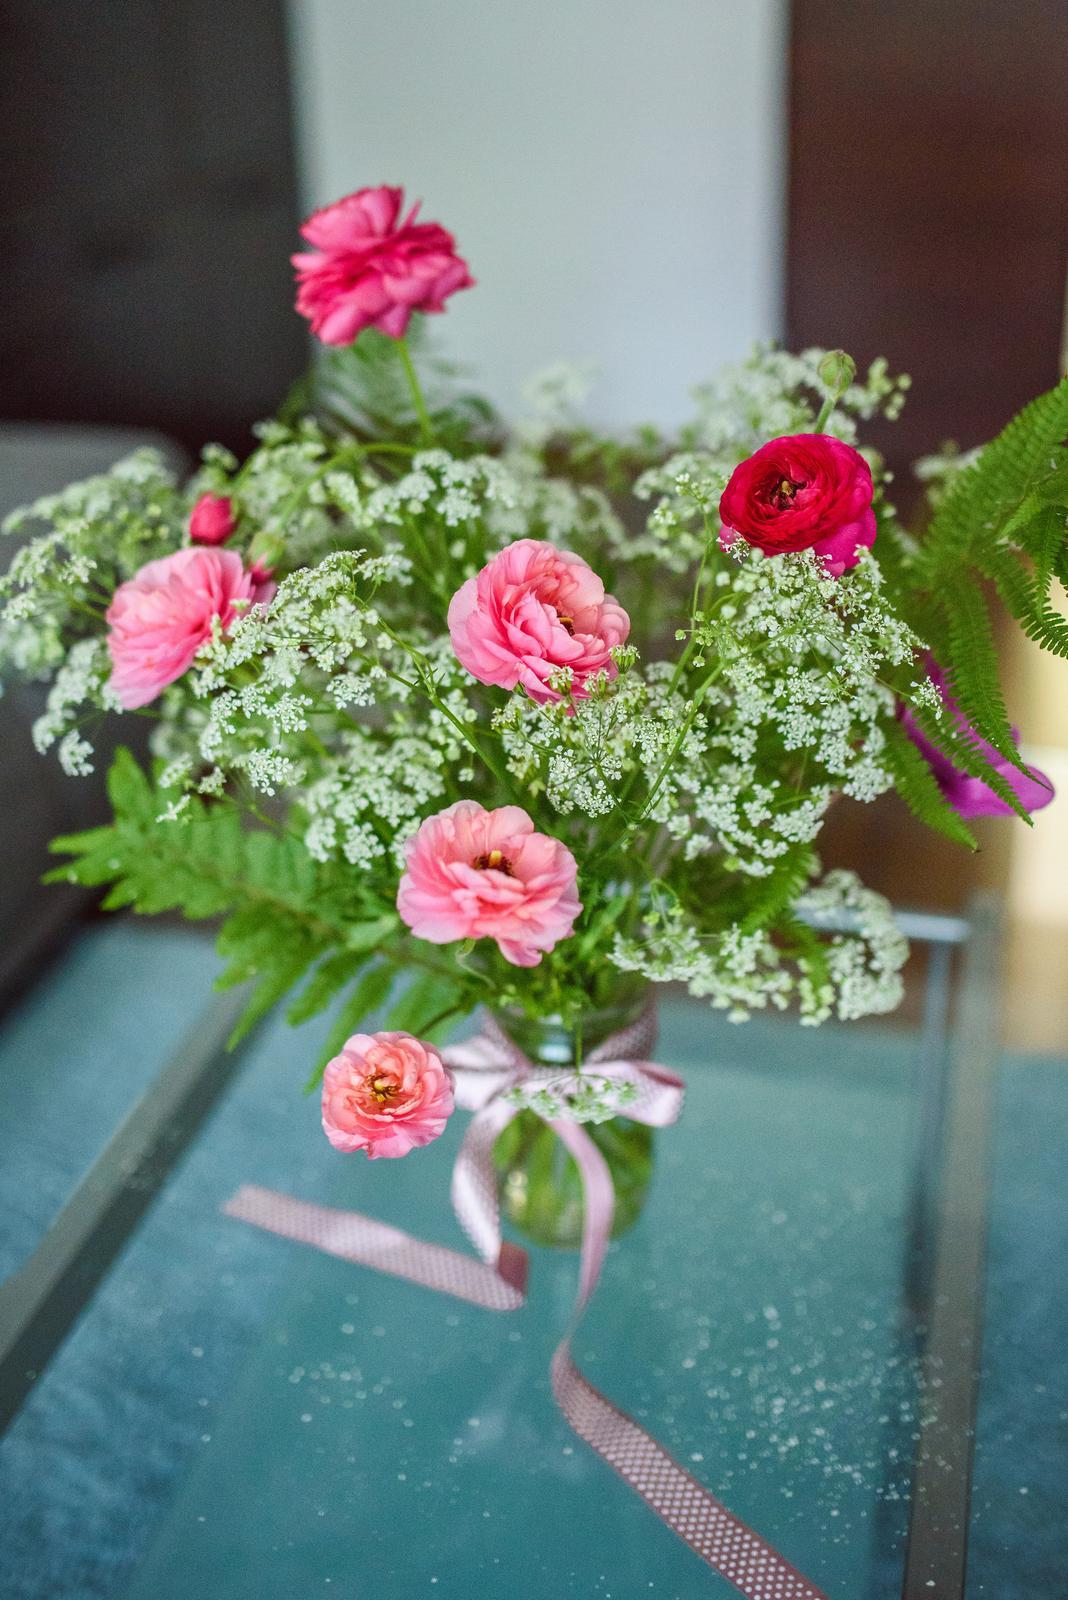 Moje kvetinové aranžmány - Ružových ranunculusov nikdy nie je dosť! :-) v tejto kytici sú kombinované s divou mrkvou a papraďou